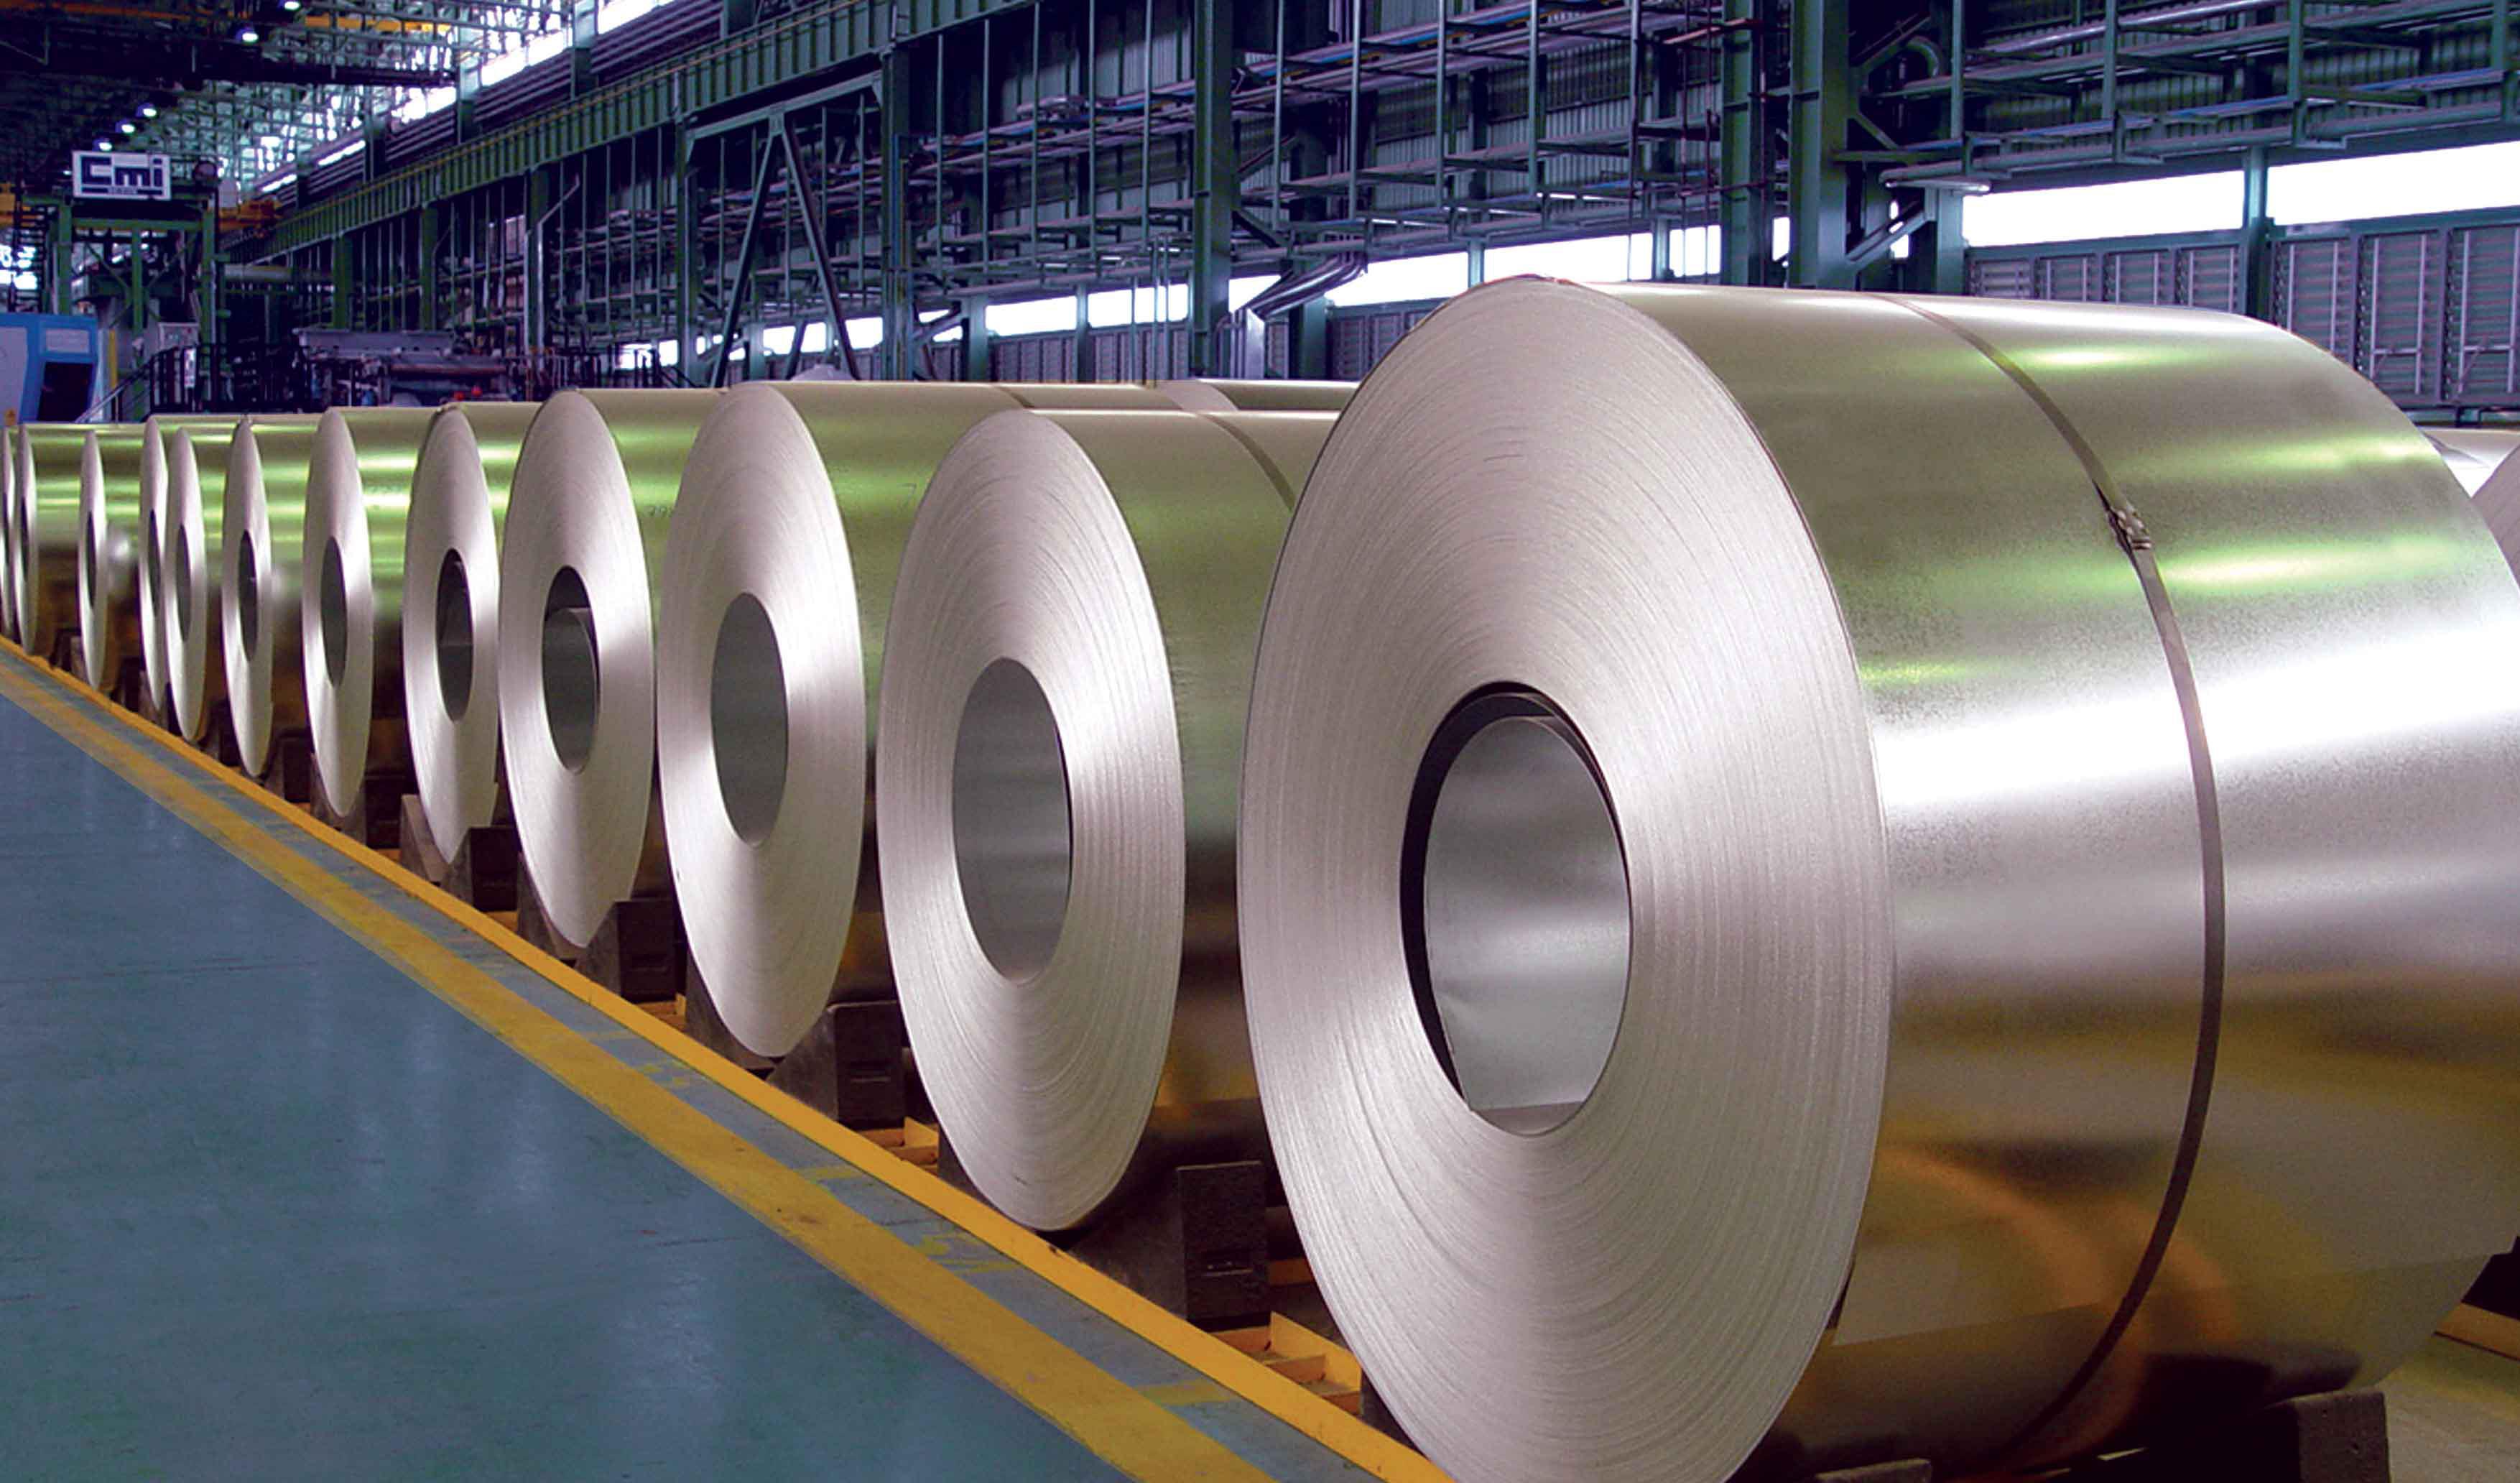 دومین شکست قیمتگذاری دستوری فولاد؟